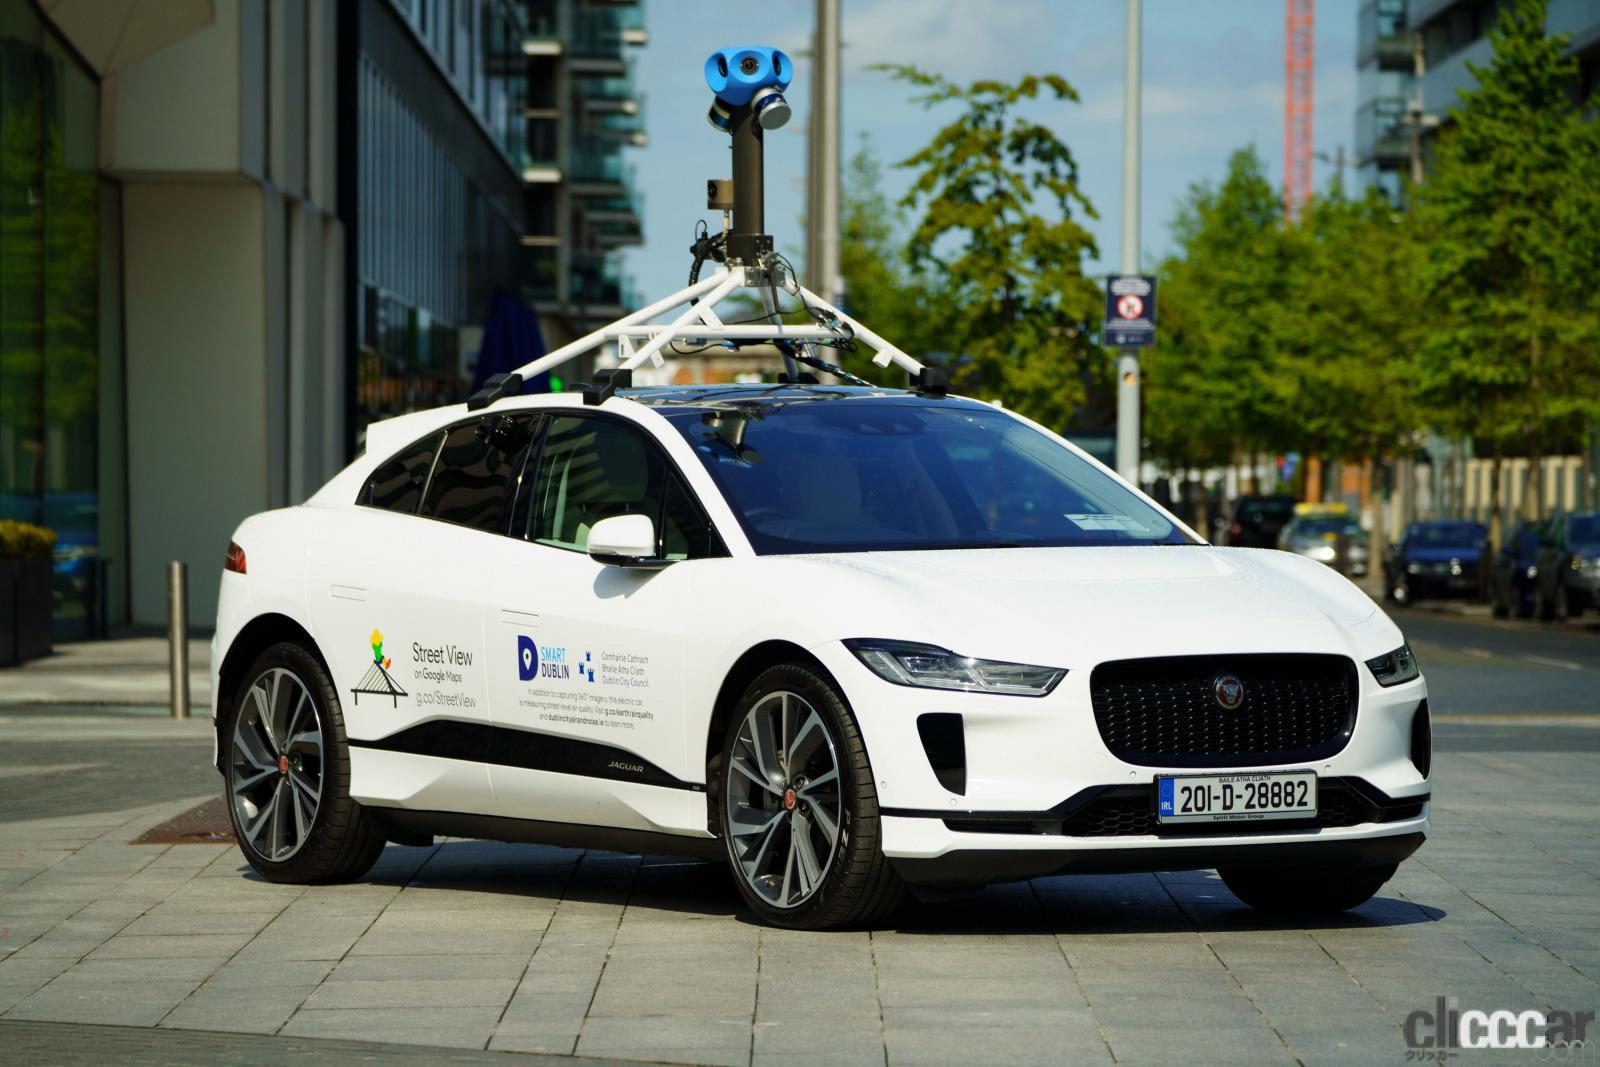 ジャガー・I-PACEがピュアEVとして「Googleストリートビュー」用車両に初採用